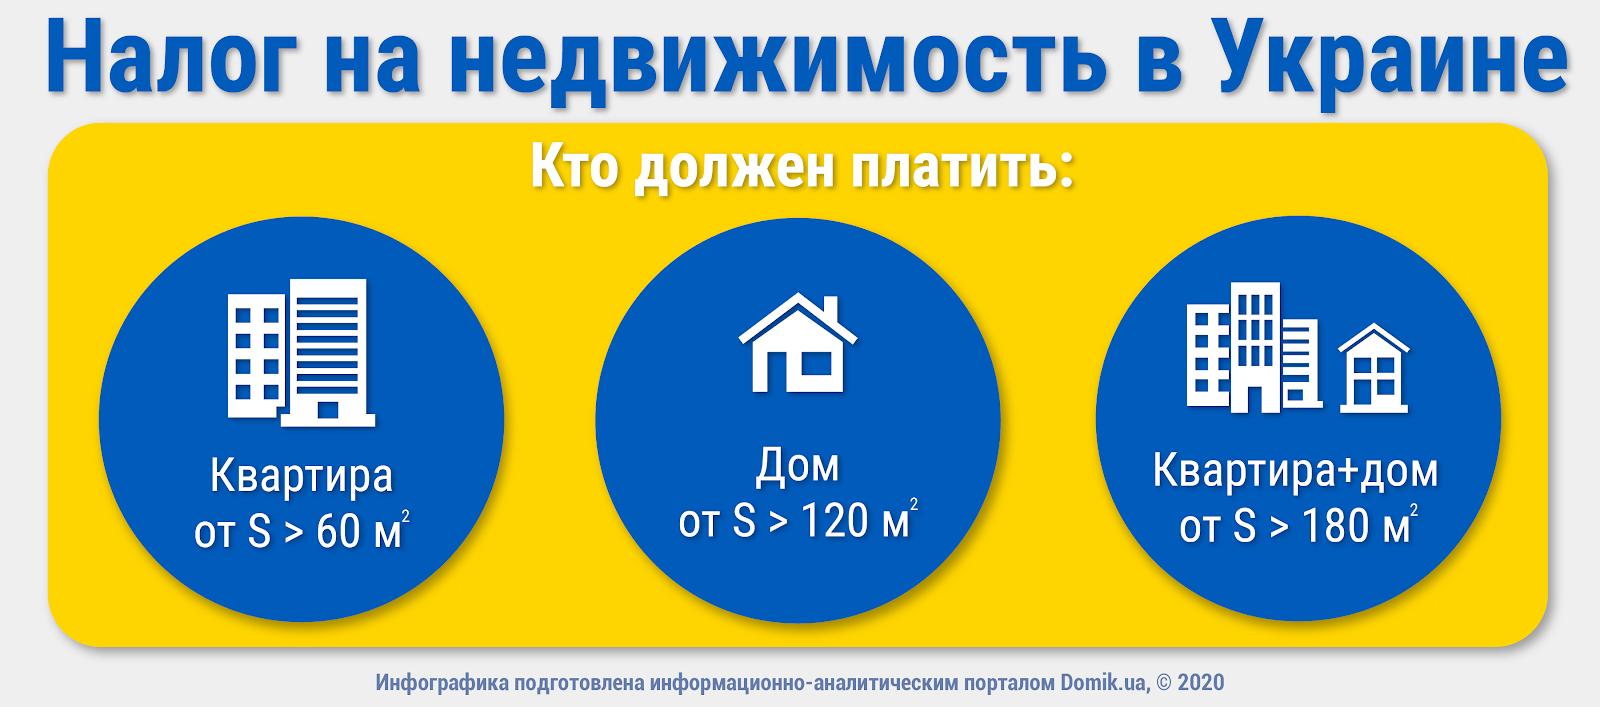 как платить налог на недвижимость